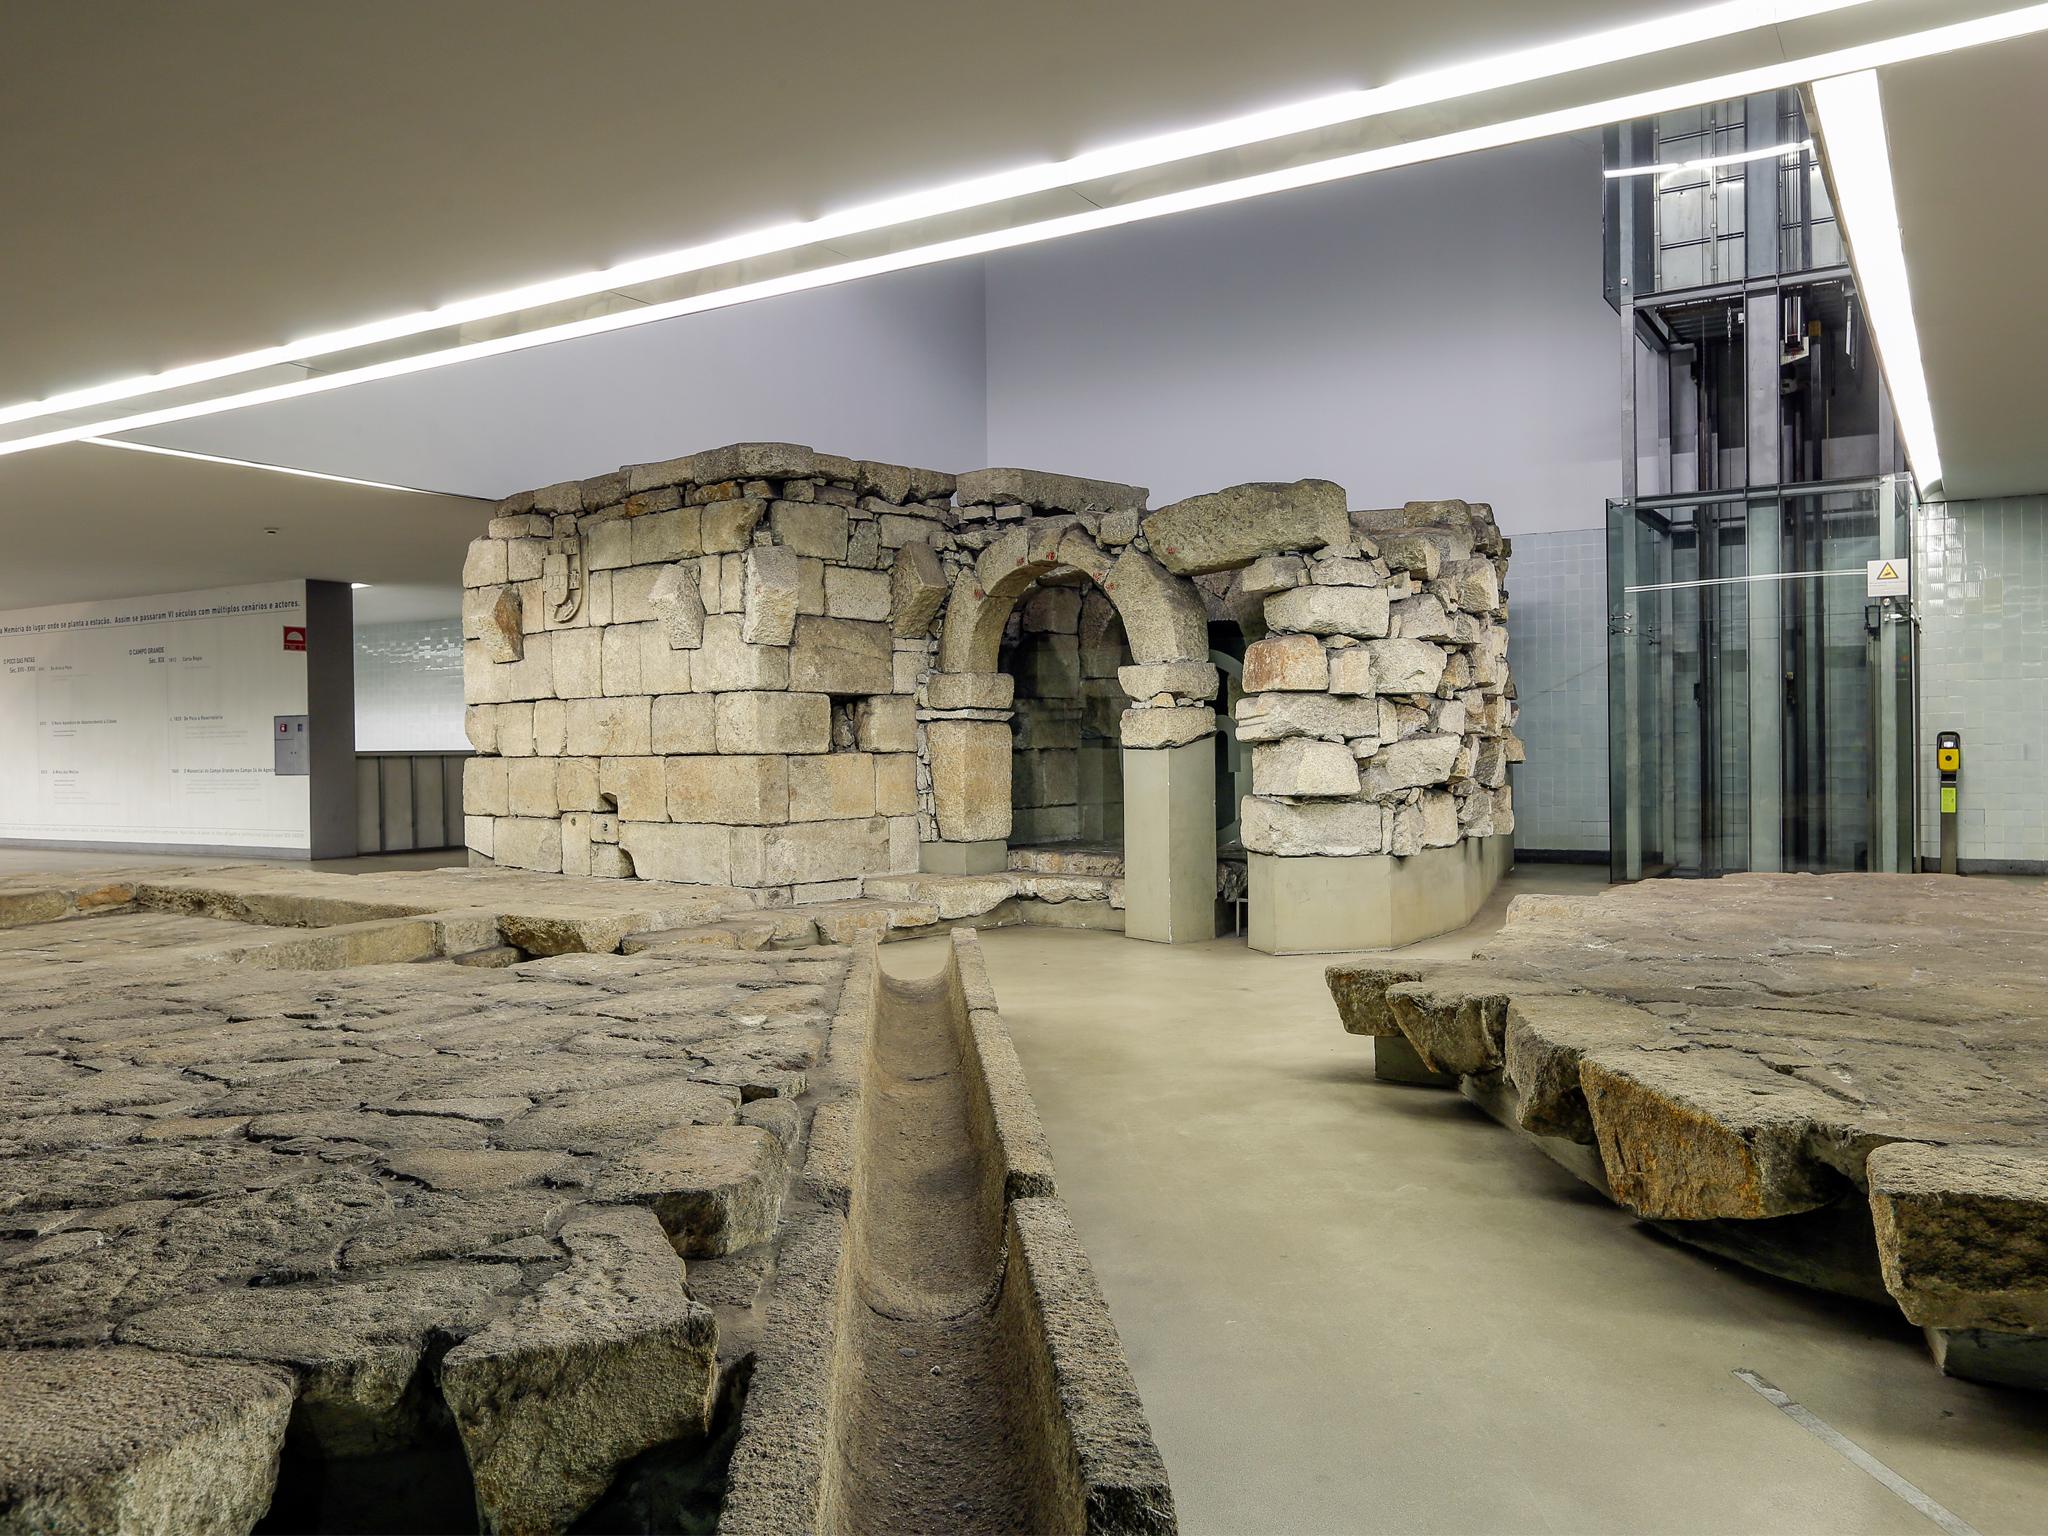 Descubra as ruínas arqueológicas na estação de metro Campo 24 de Agosto